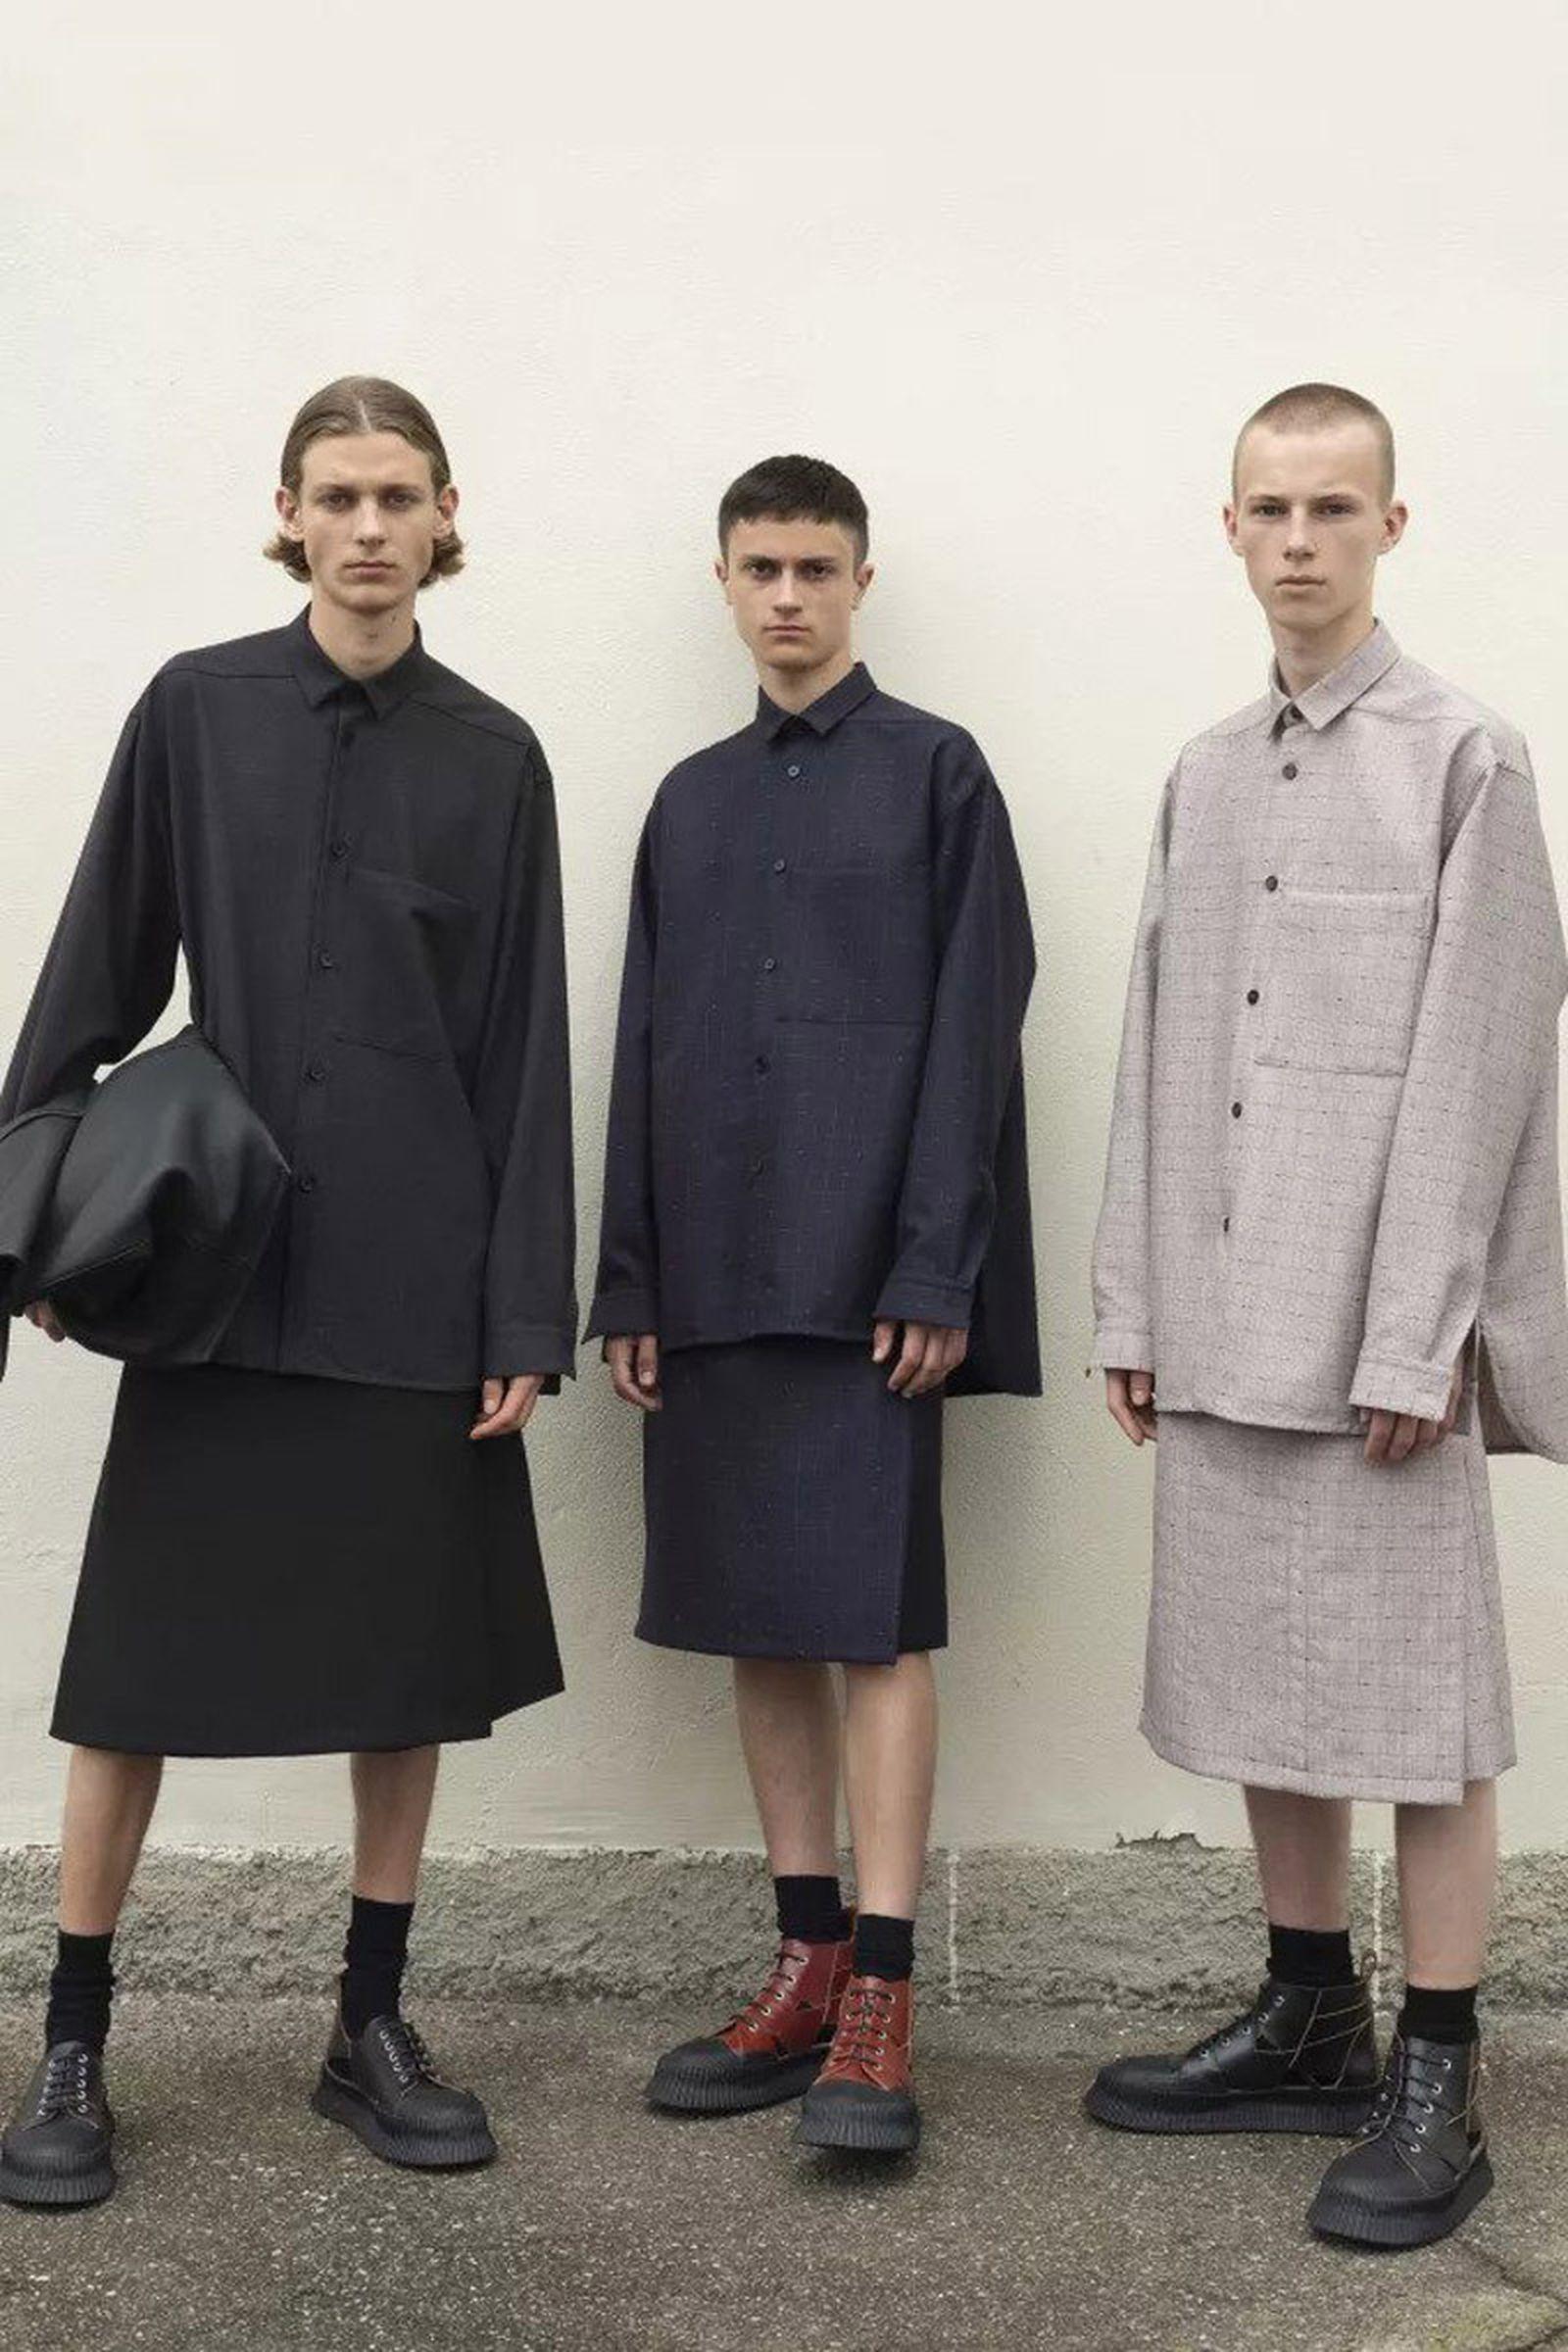 german clothing brands jil sander german clothing brands jil sander1 023c Adidas Boulezar